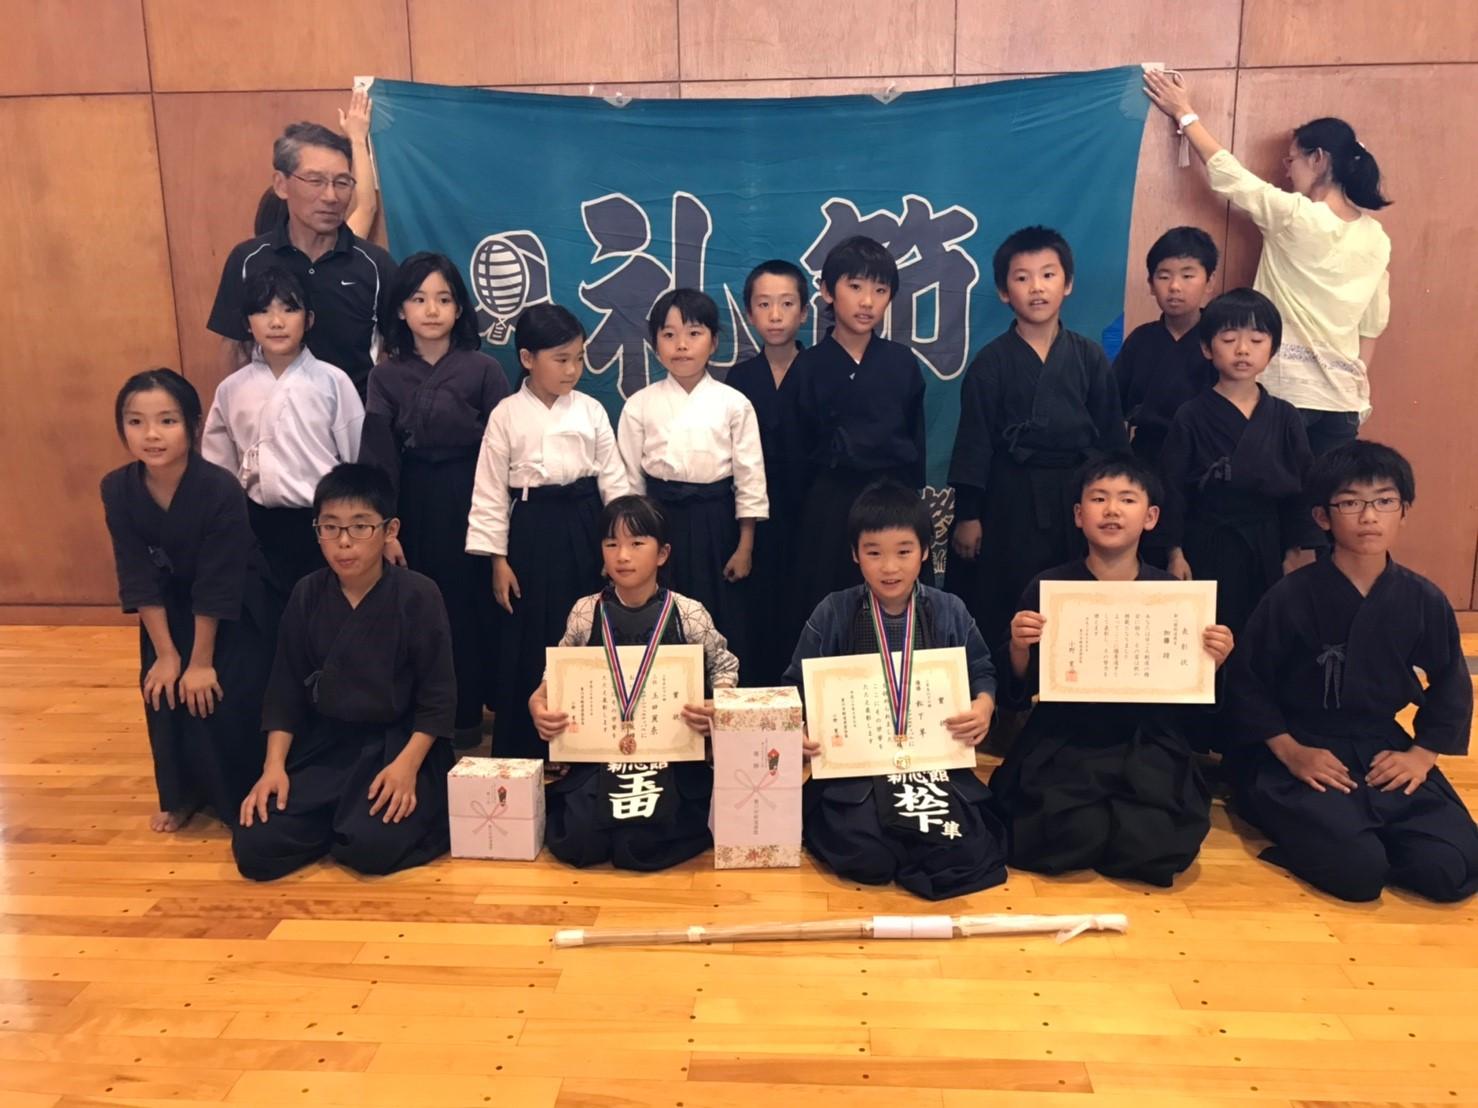 市内少年剣道大会